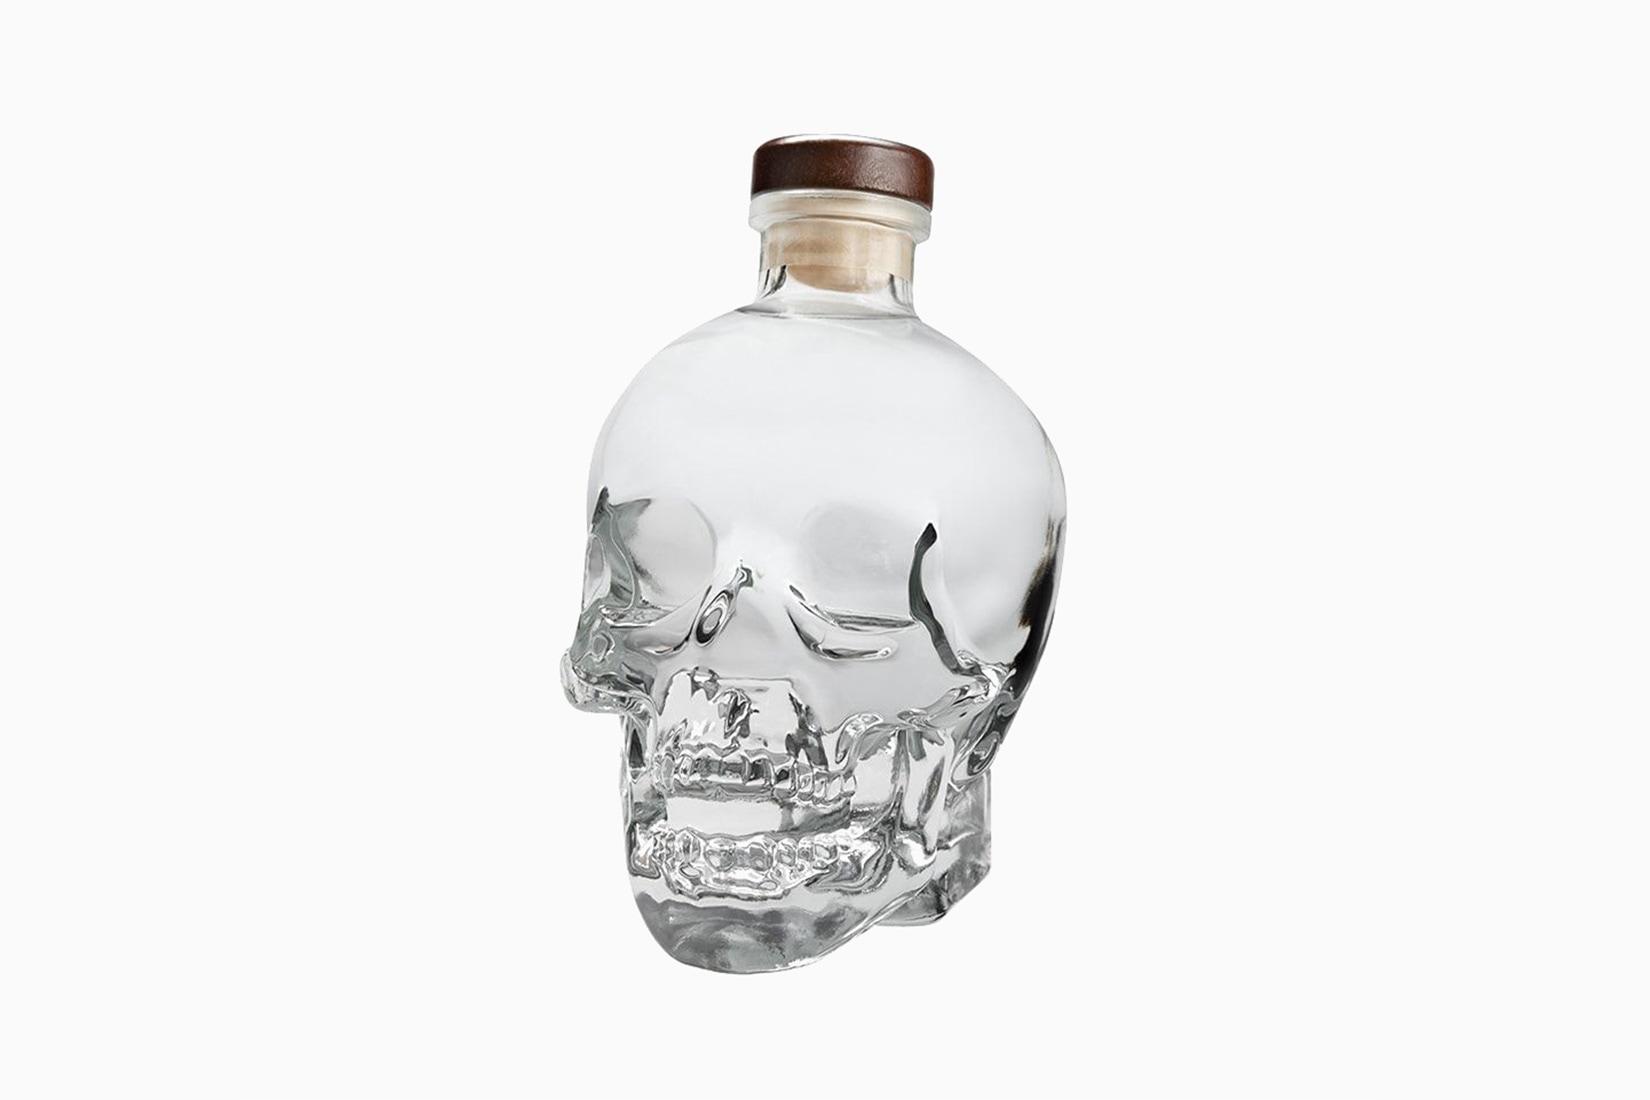 botella de vodka crystal head precio tamaño - Luxe Digital